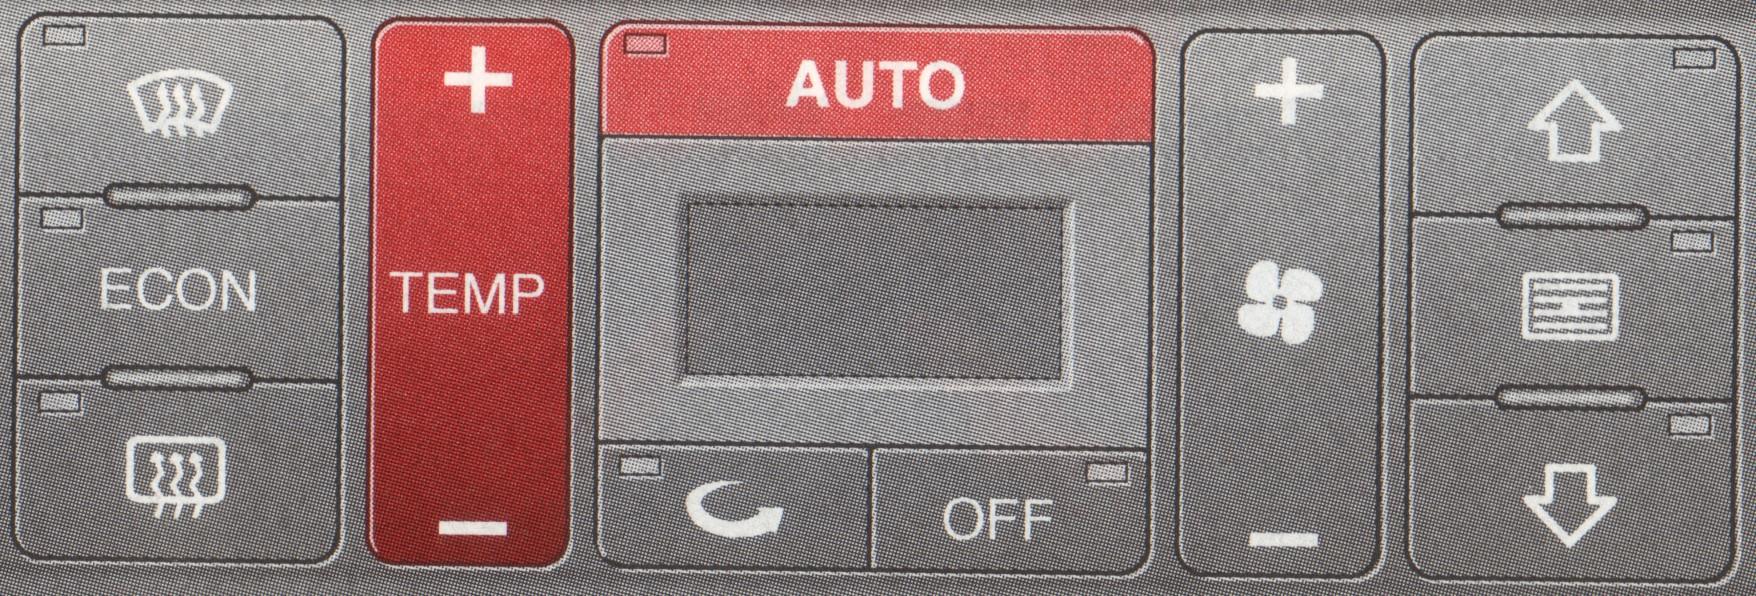 Instrukcja climatronic Audi A3 1.9 TDI 90KM 2000r. (po lifcie)